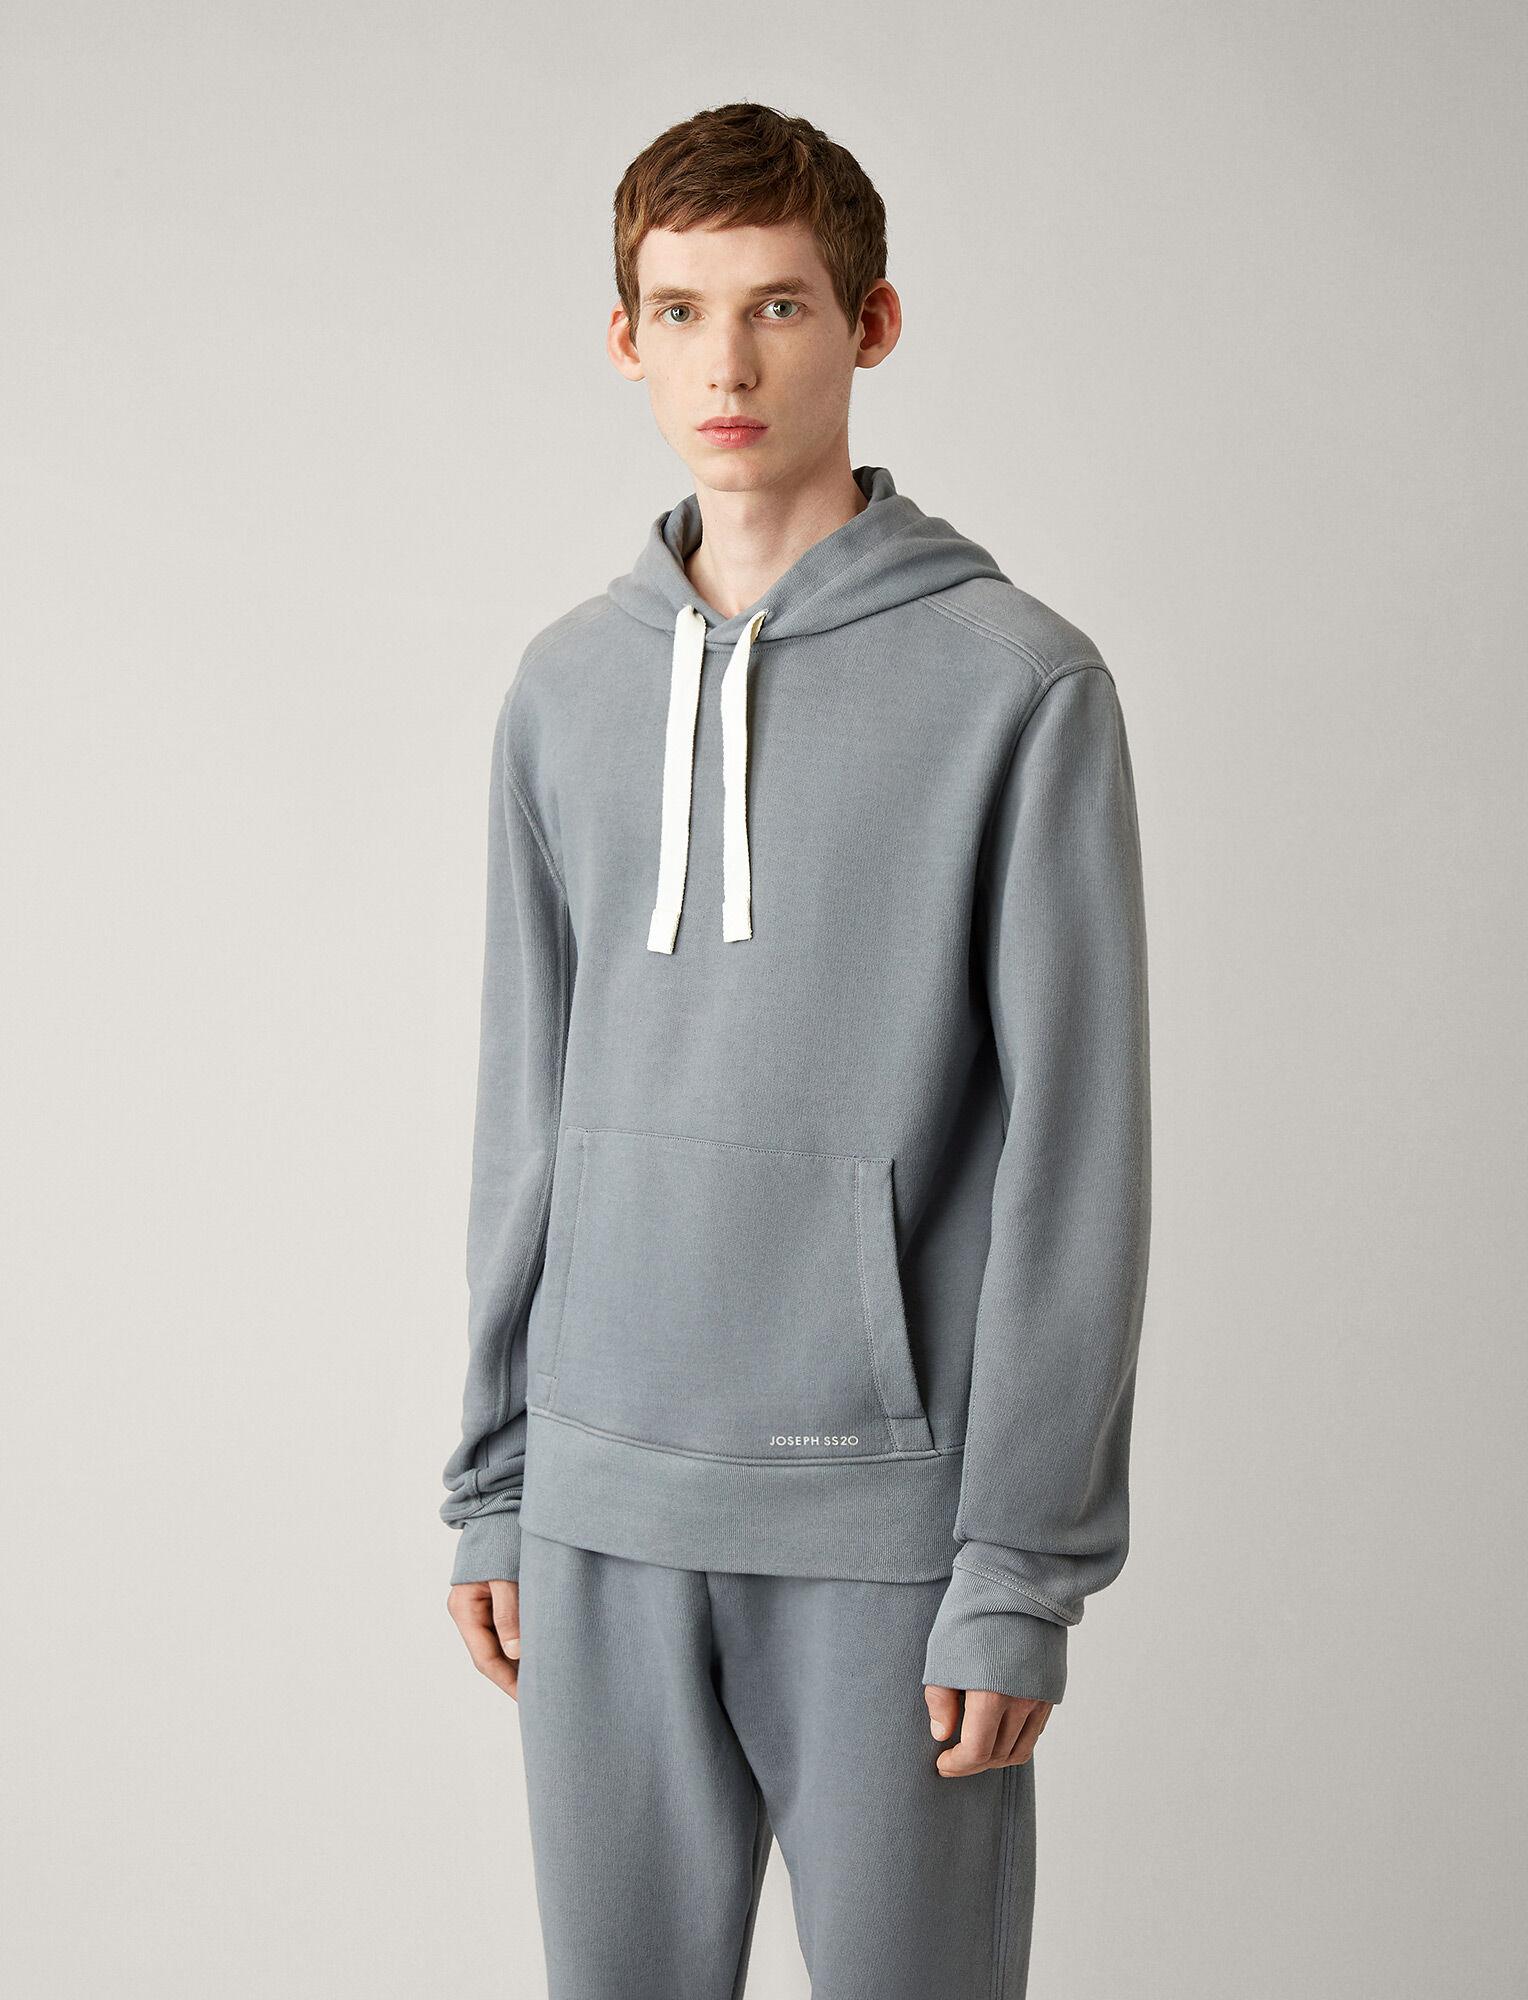 Joseph, Hoody Garment Dye Molleton Jersey, in STEEL